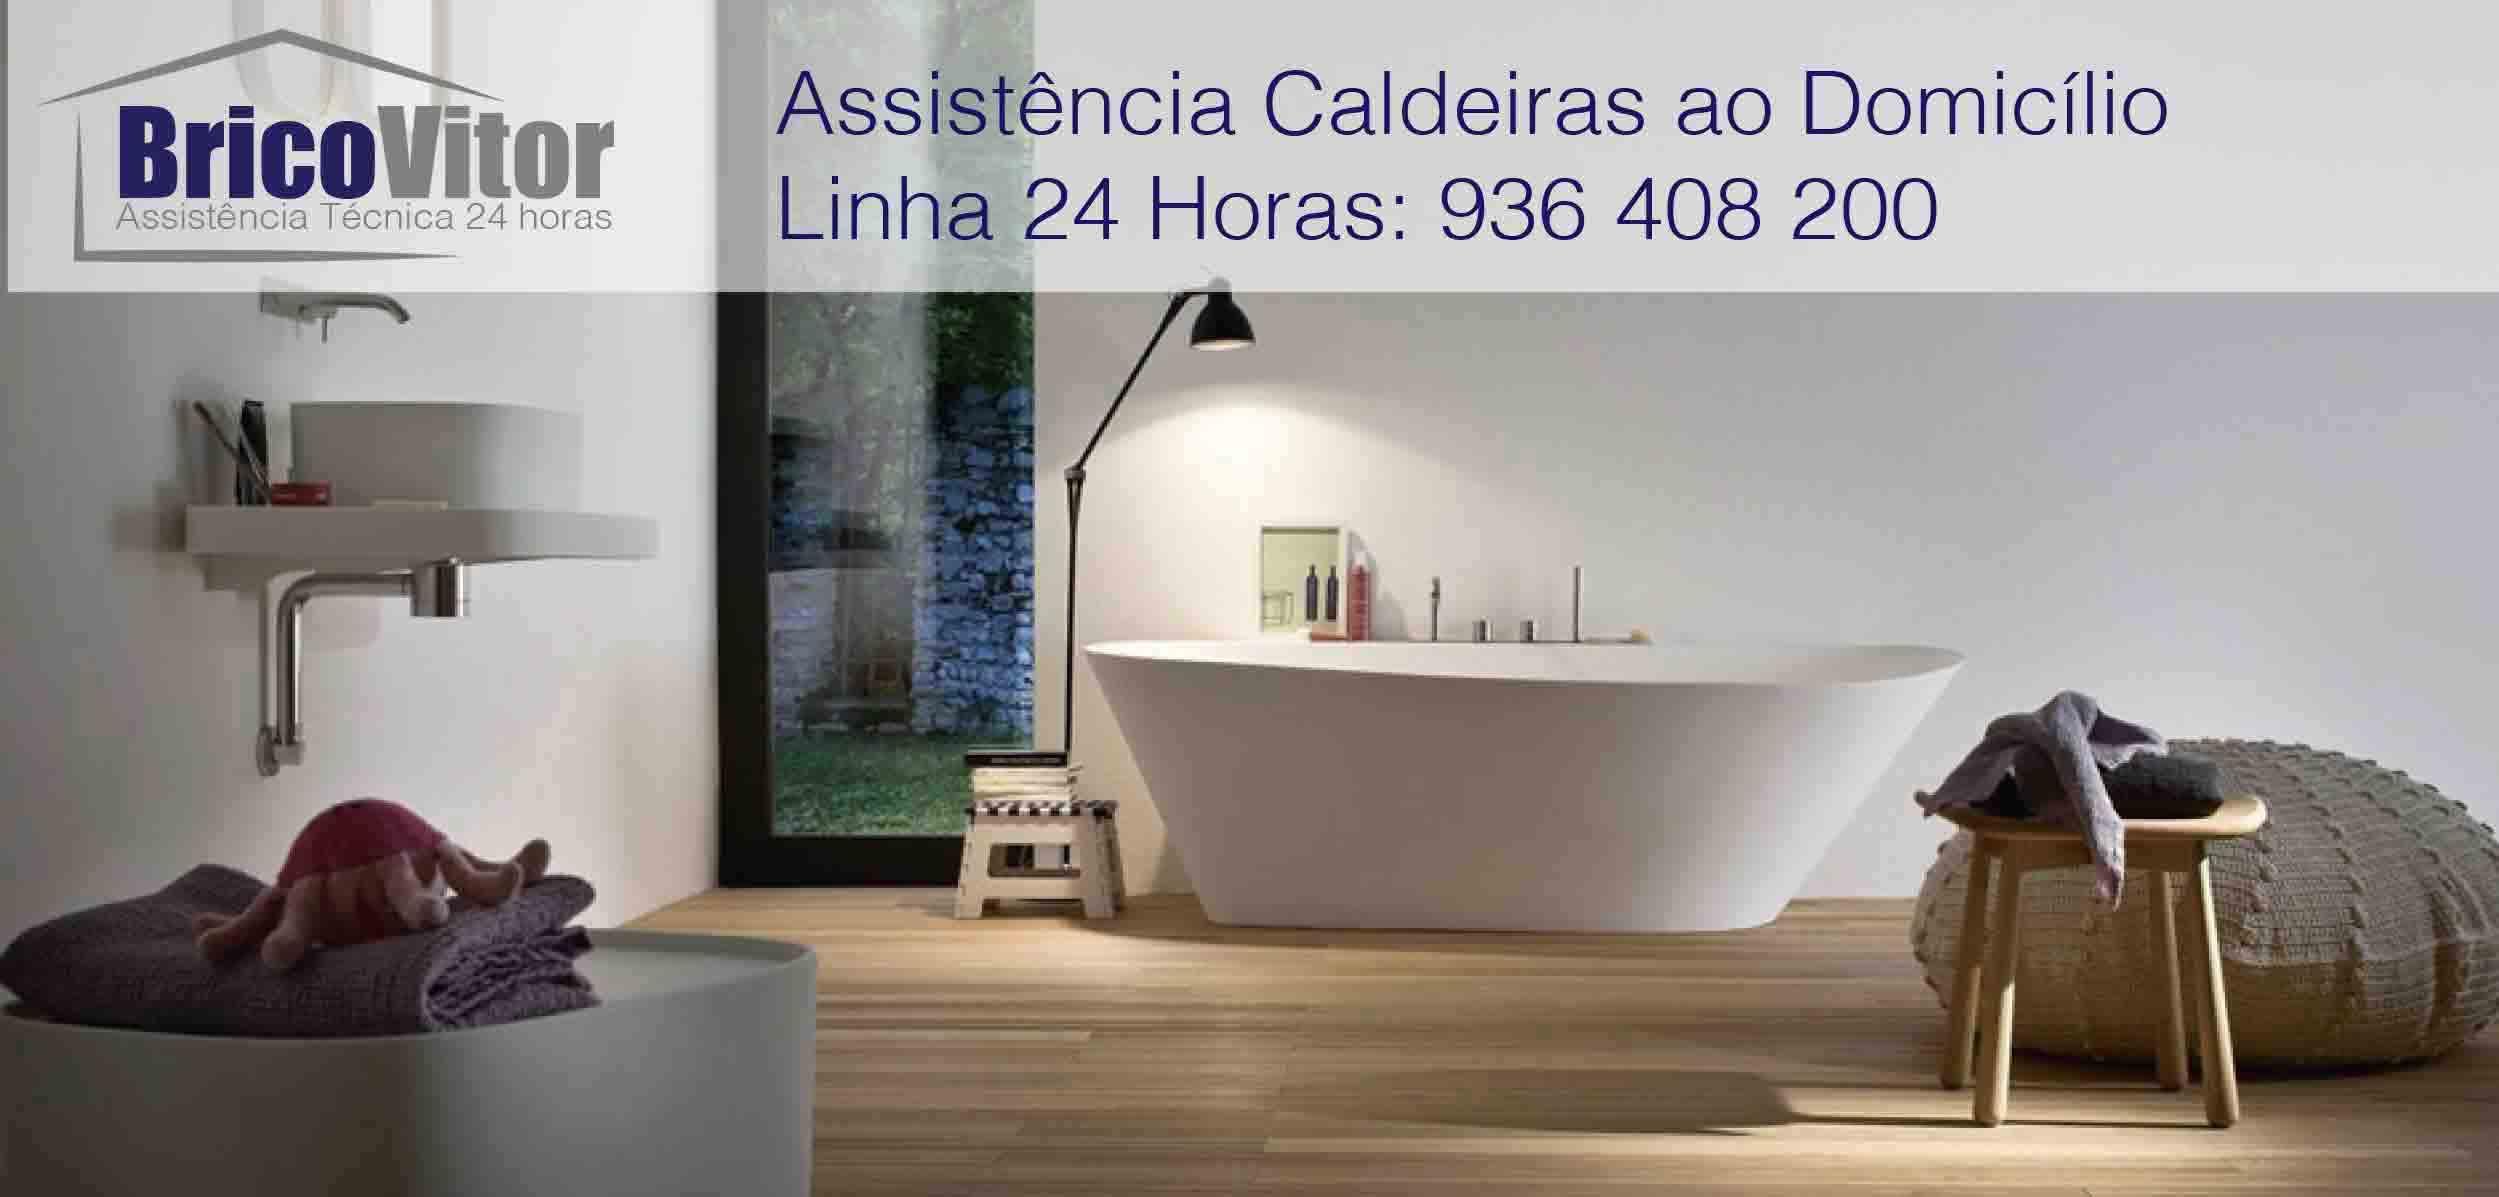 Assistência Caldeiras Santa Maria (Airão), Guimarães - Braga